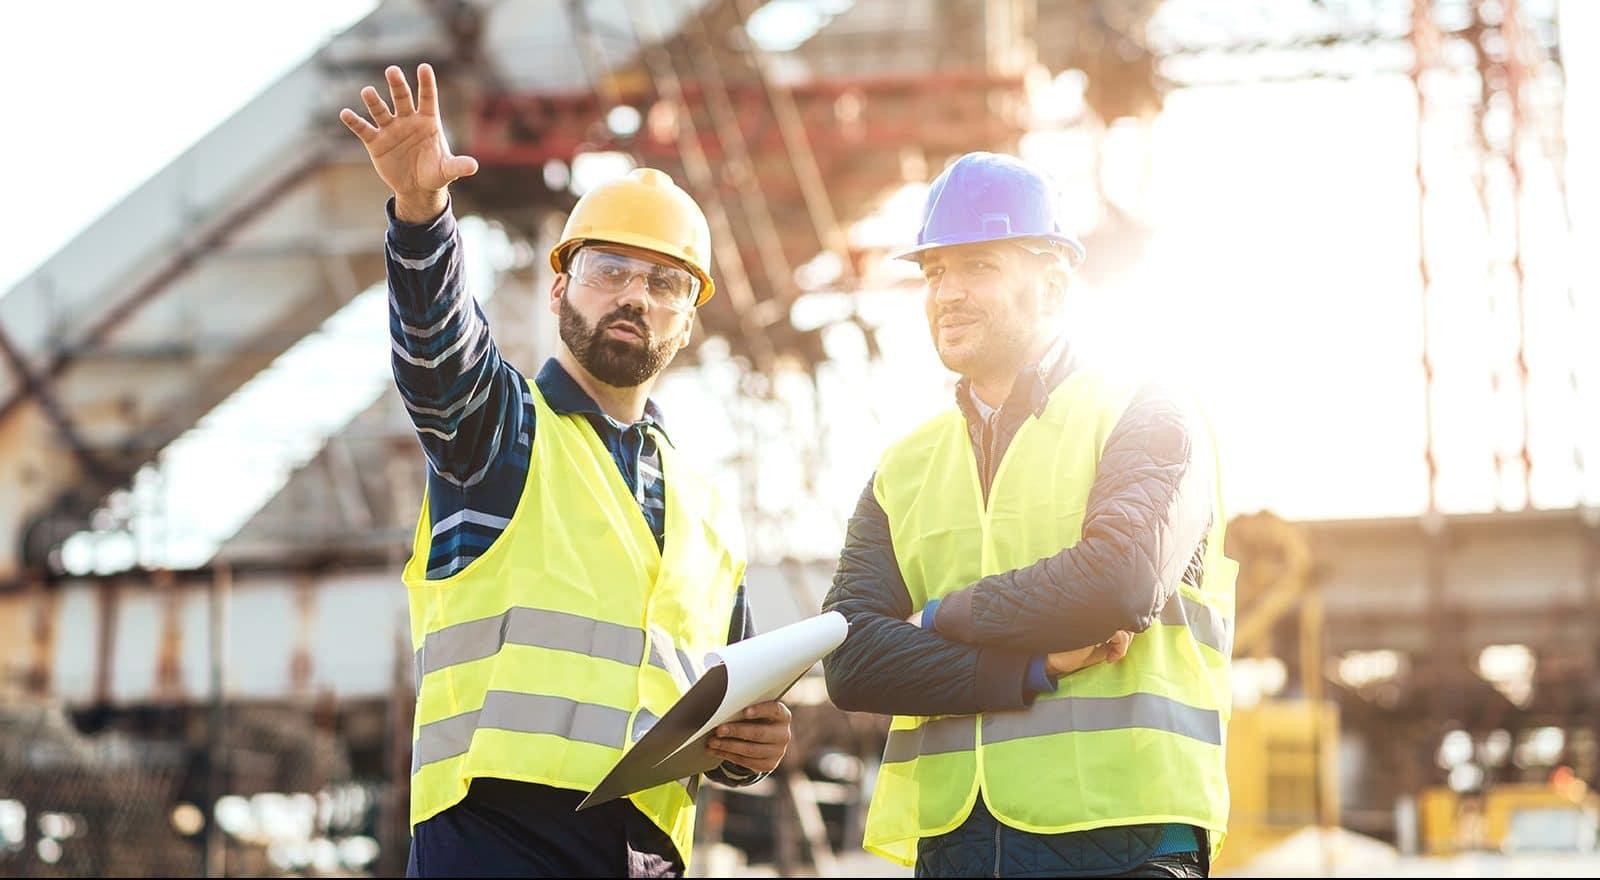 Anlagenbau Studie Wettbewerbsfähigkeit